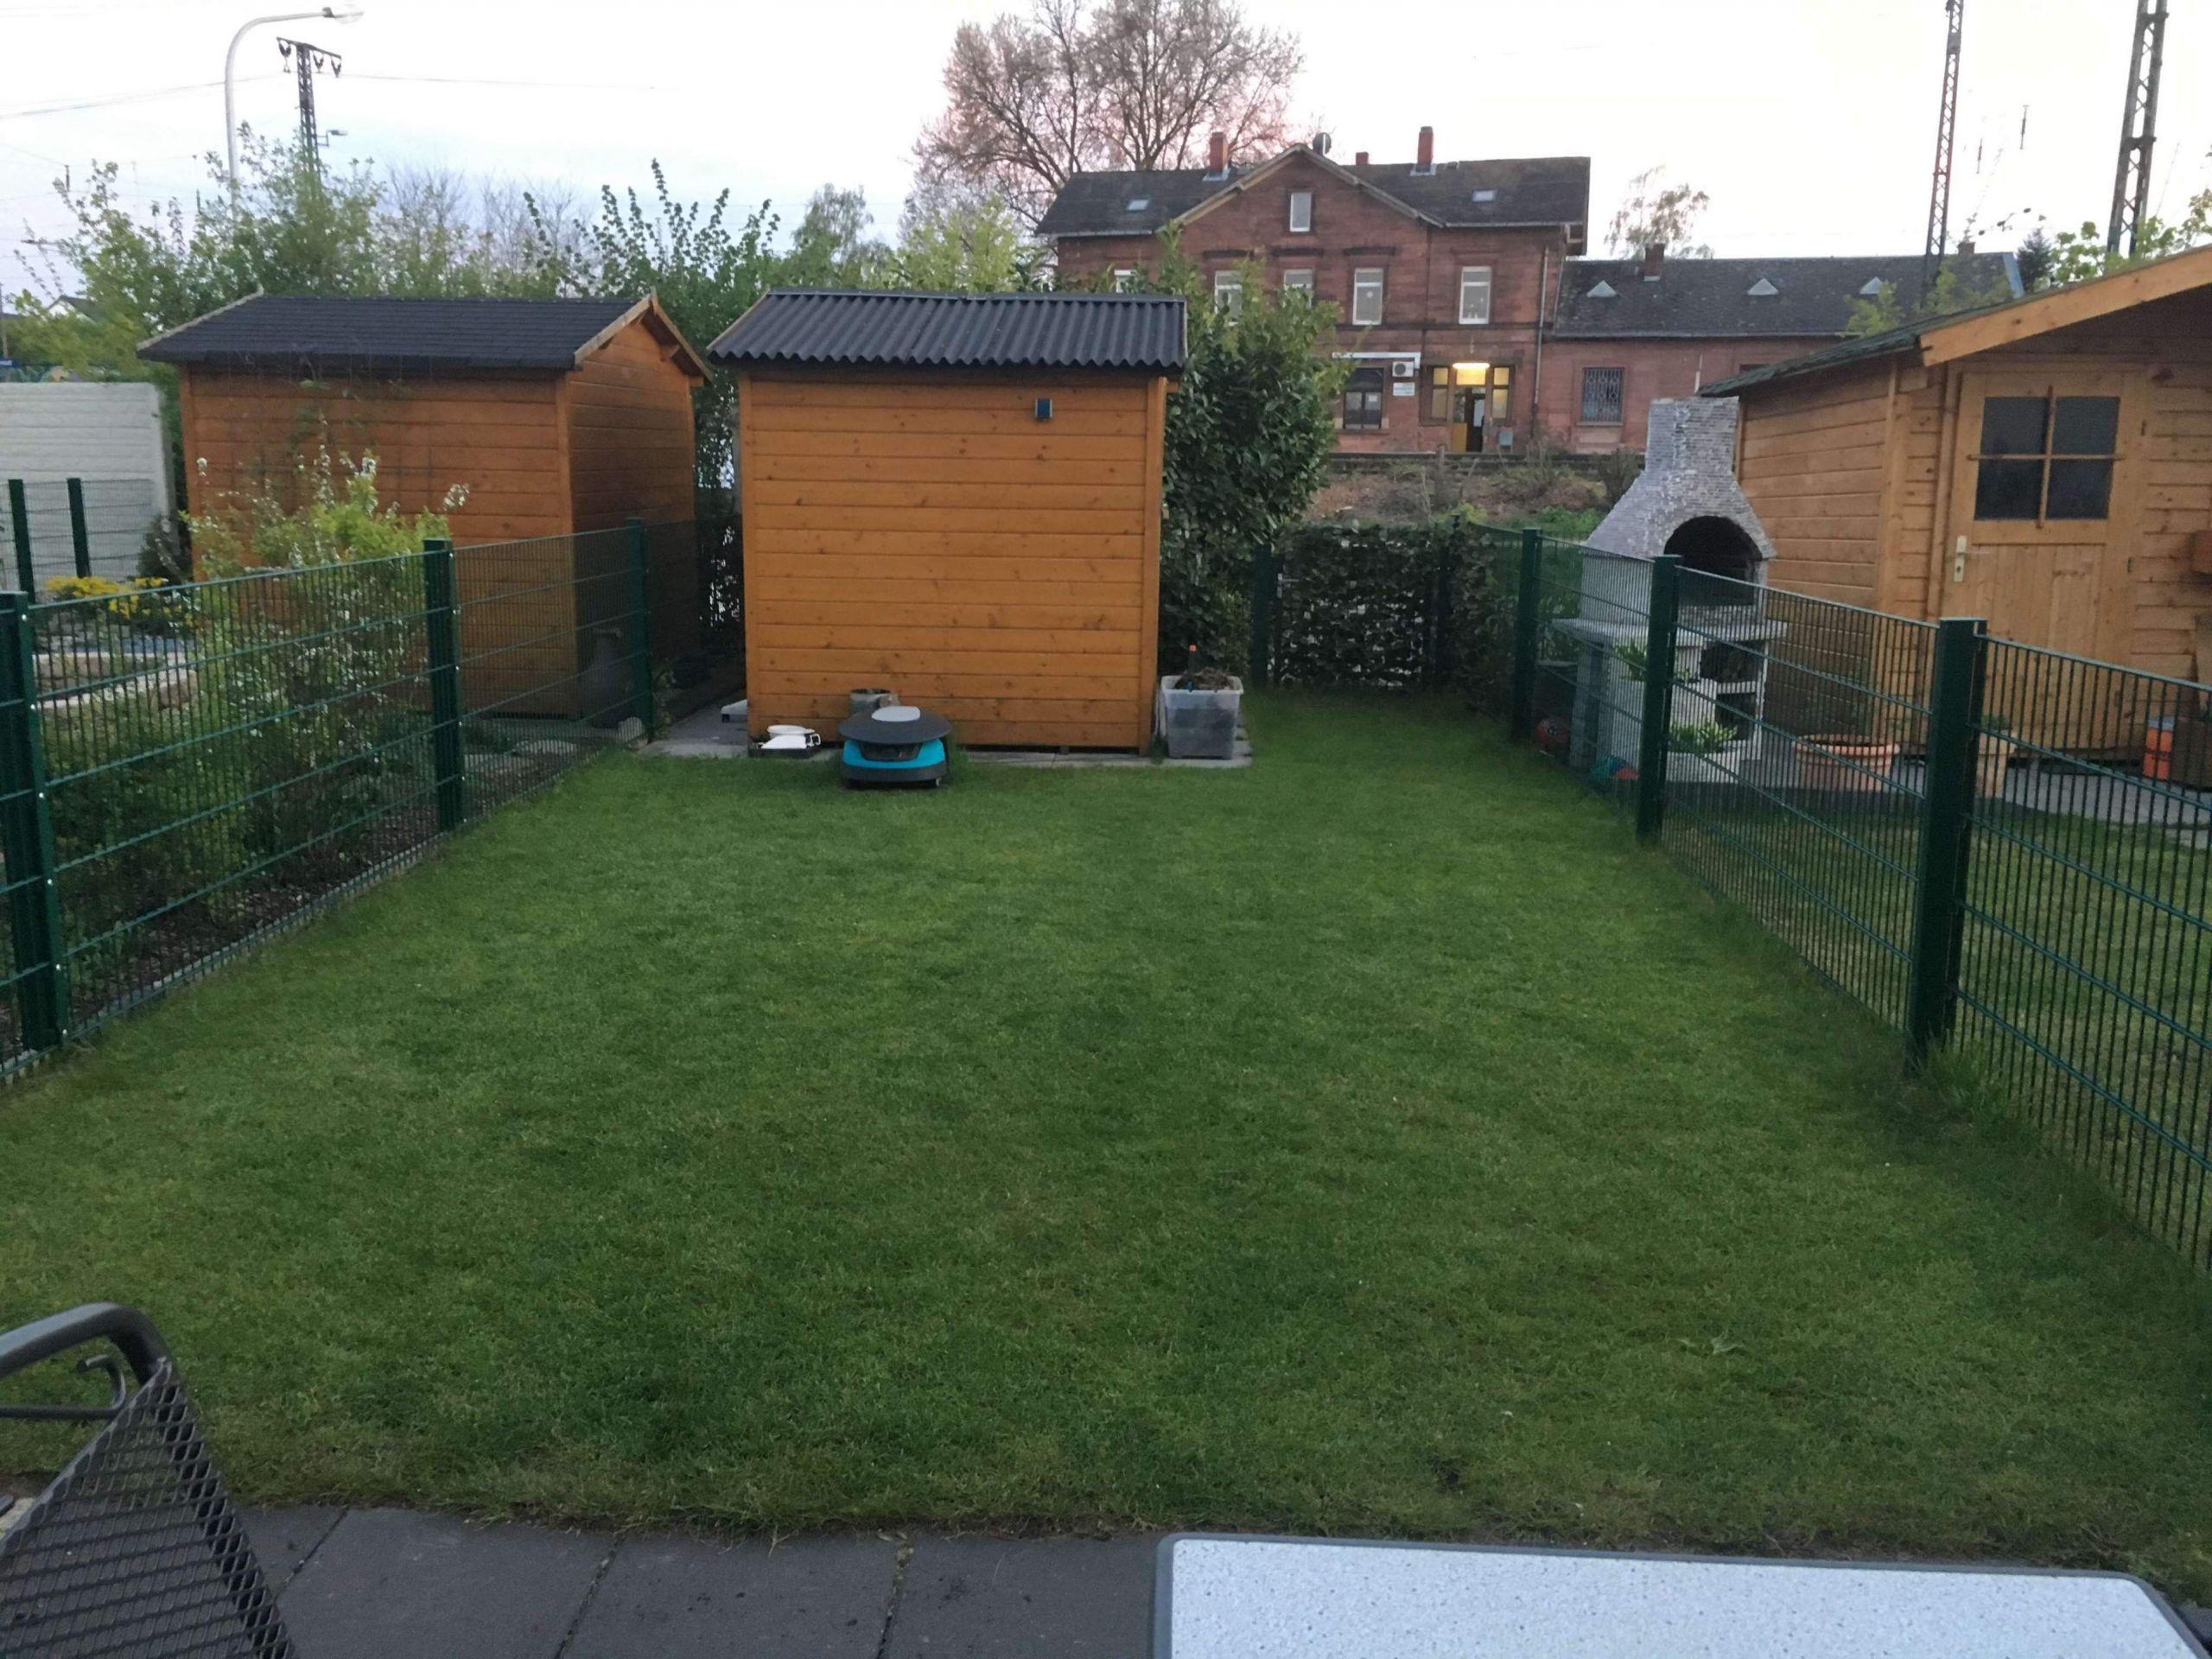 Kleine Pools Für Den Garten Inspirierend Kleine Pools Für Kleine Gärten — Temobardz Home Blog